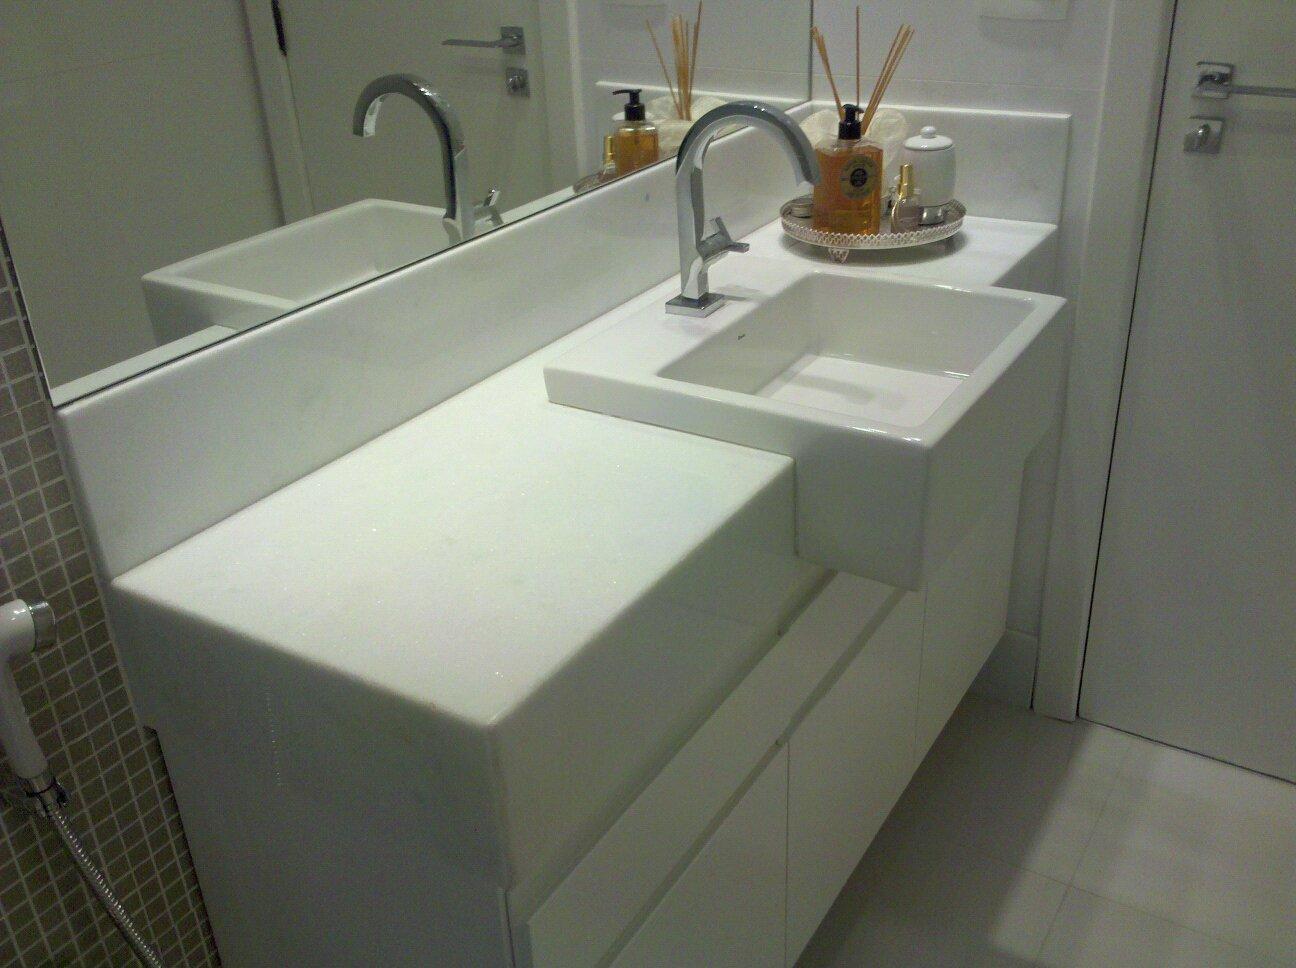 RB Arquitetura e Construção: Reforma Banheiro #5F472B 1296x968 Banheiro Arquitetura E Construção